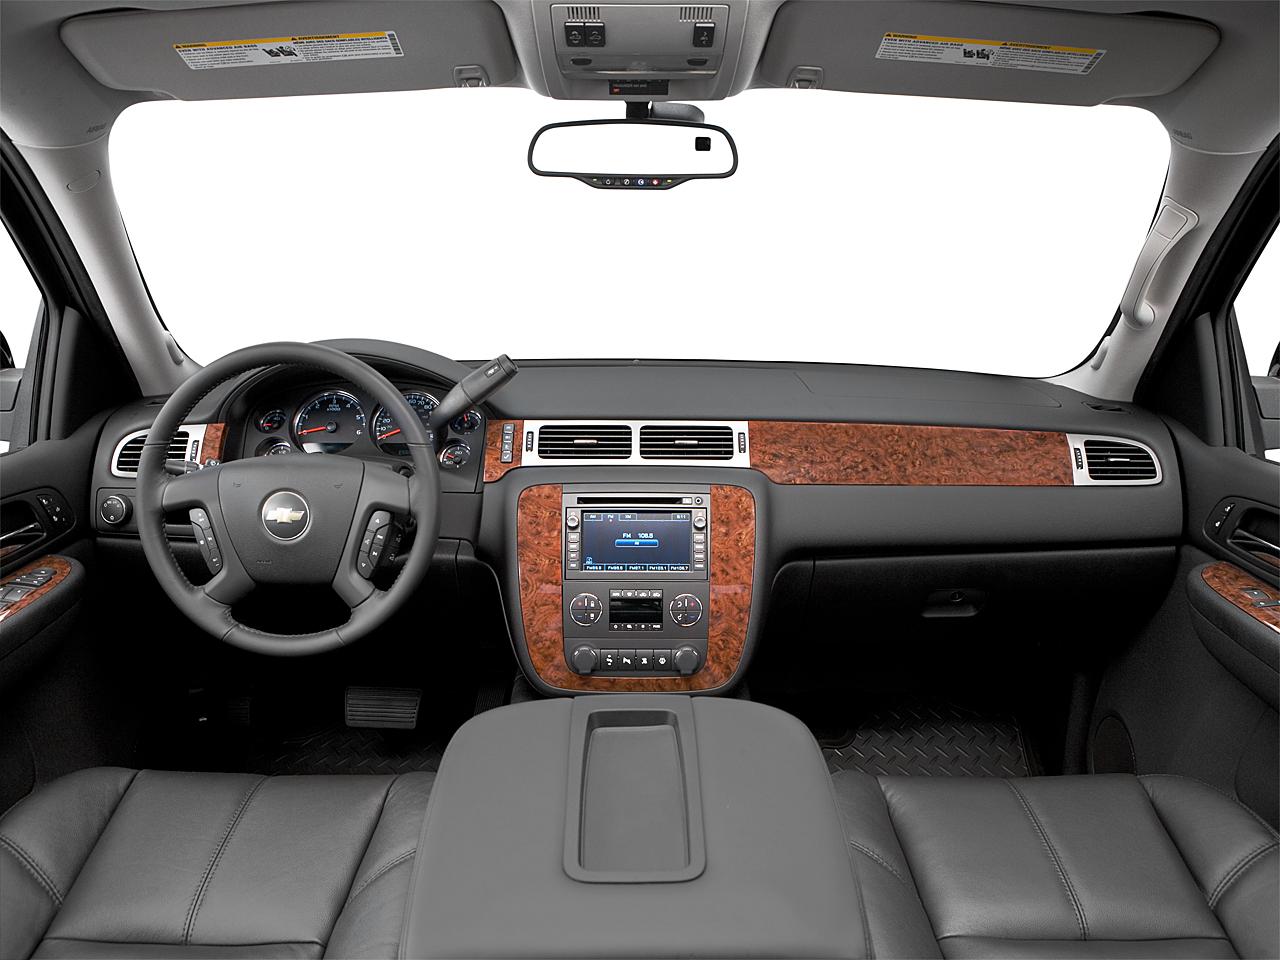 2008 Chevrolet Silverado 1500 Ltz Centered Wide Dash Shot